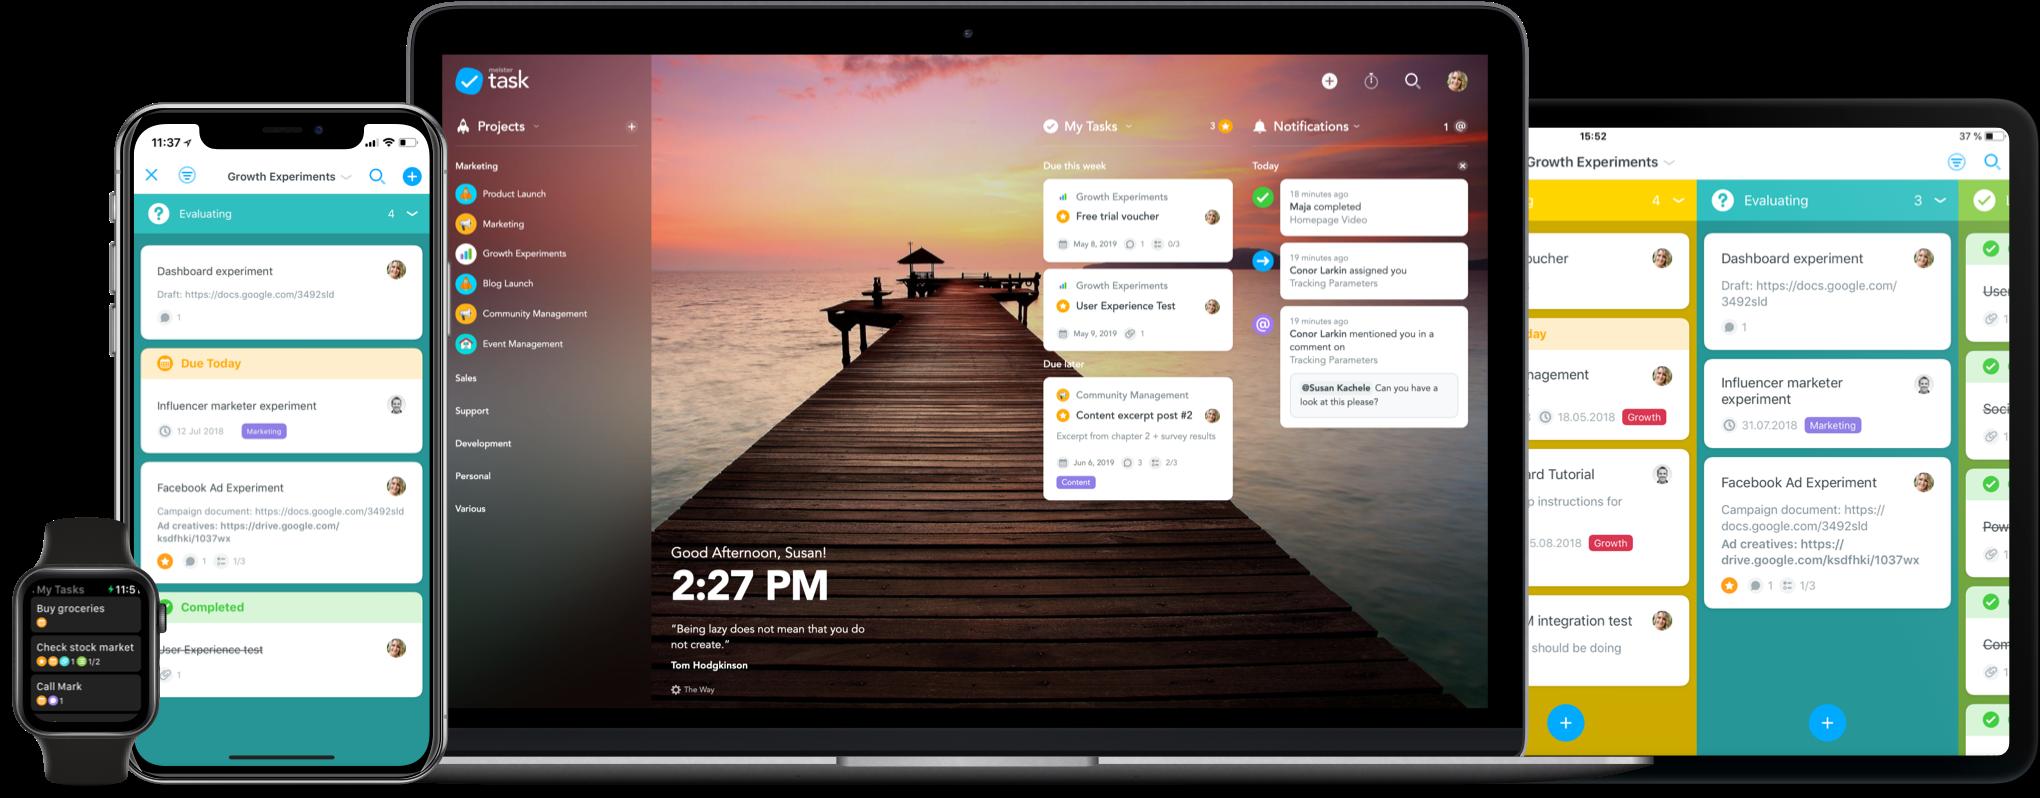 MeisterTask screenshot: MeisterTask desktop and mobile